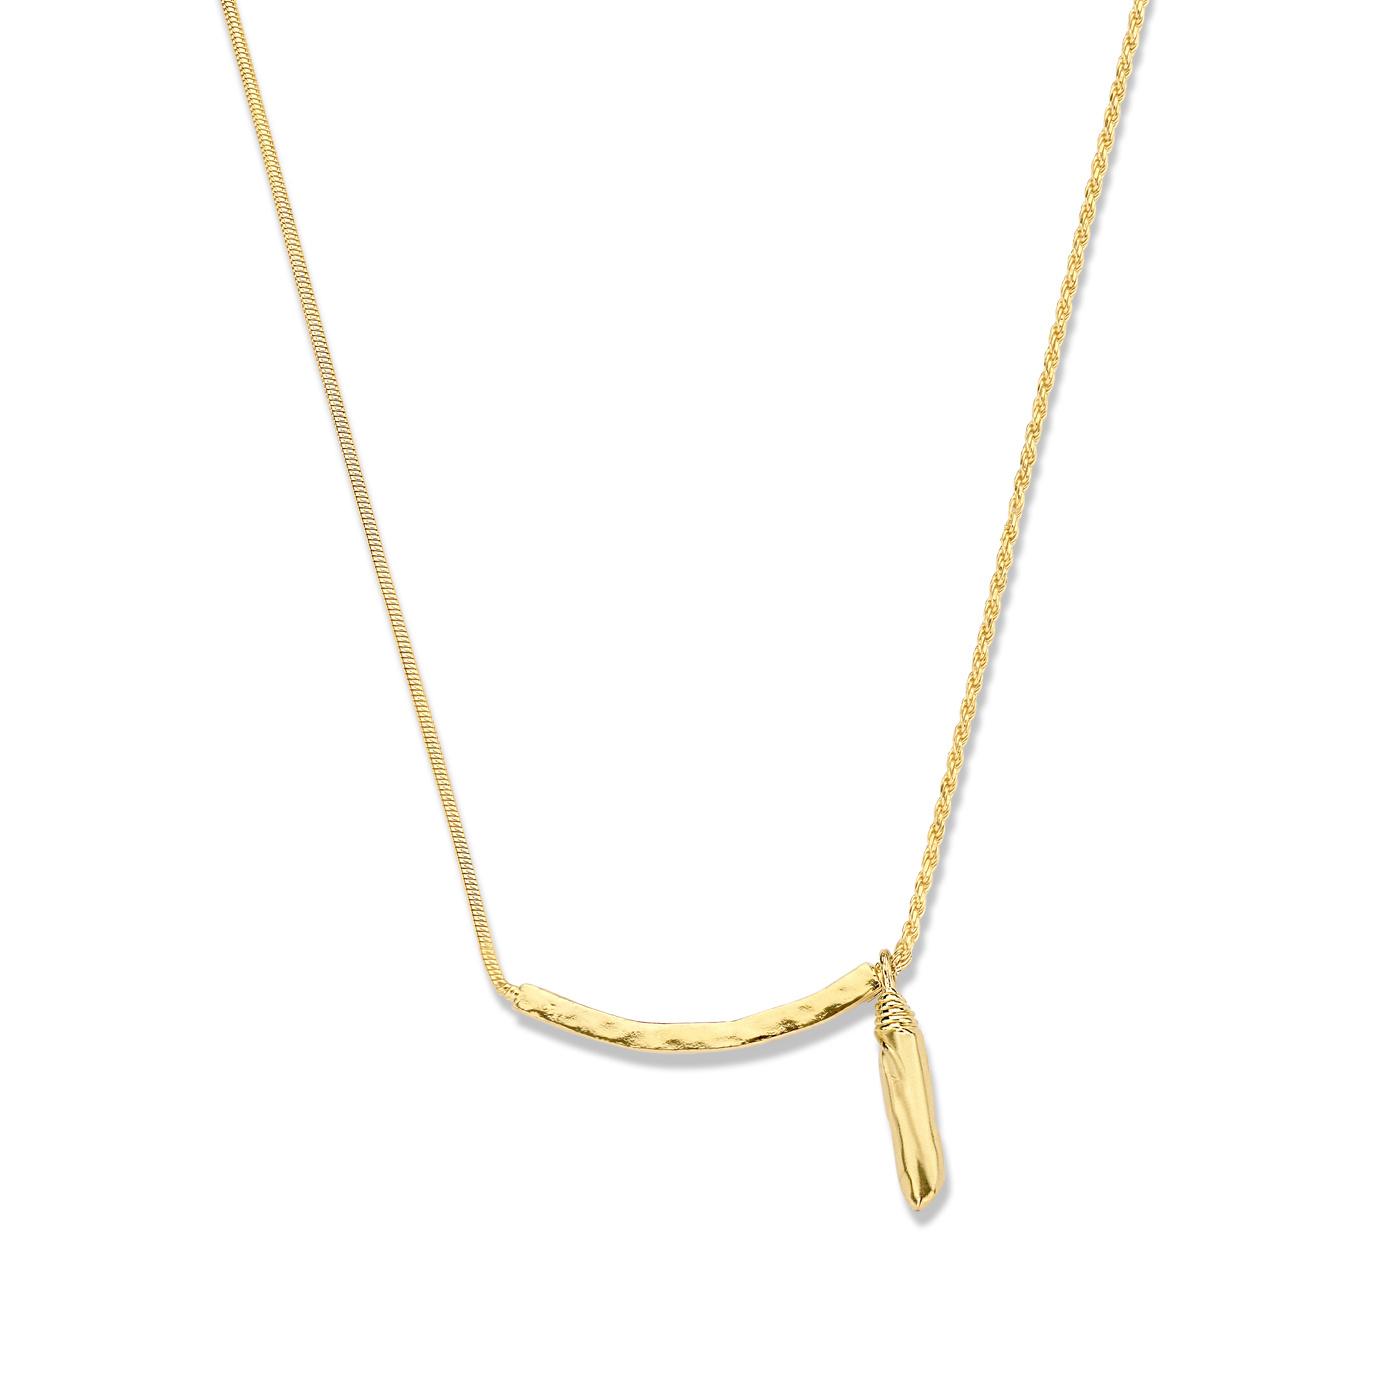 Violet Hamden Sisterhood Phoebe 925 sterlingsølv guldfarvet halskæde